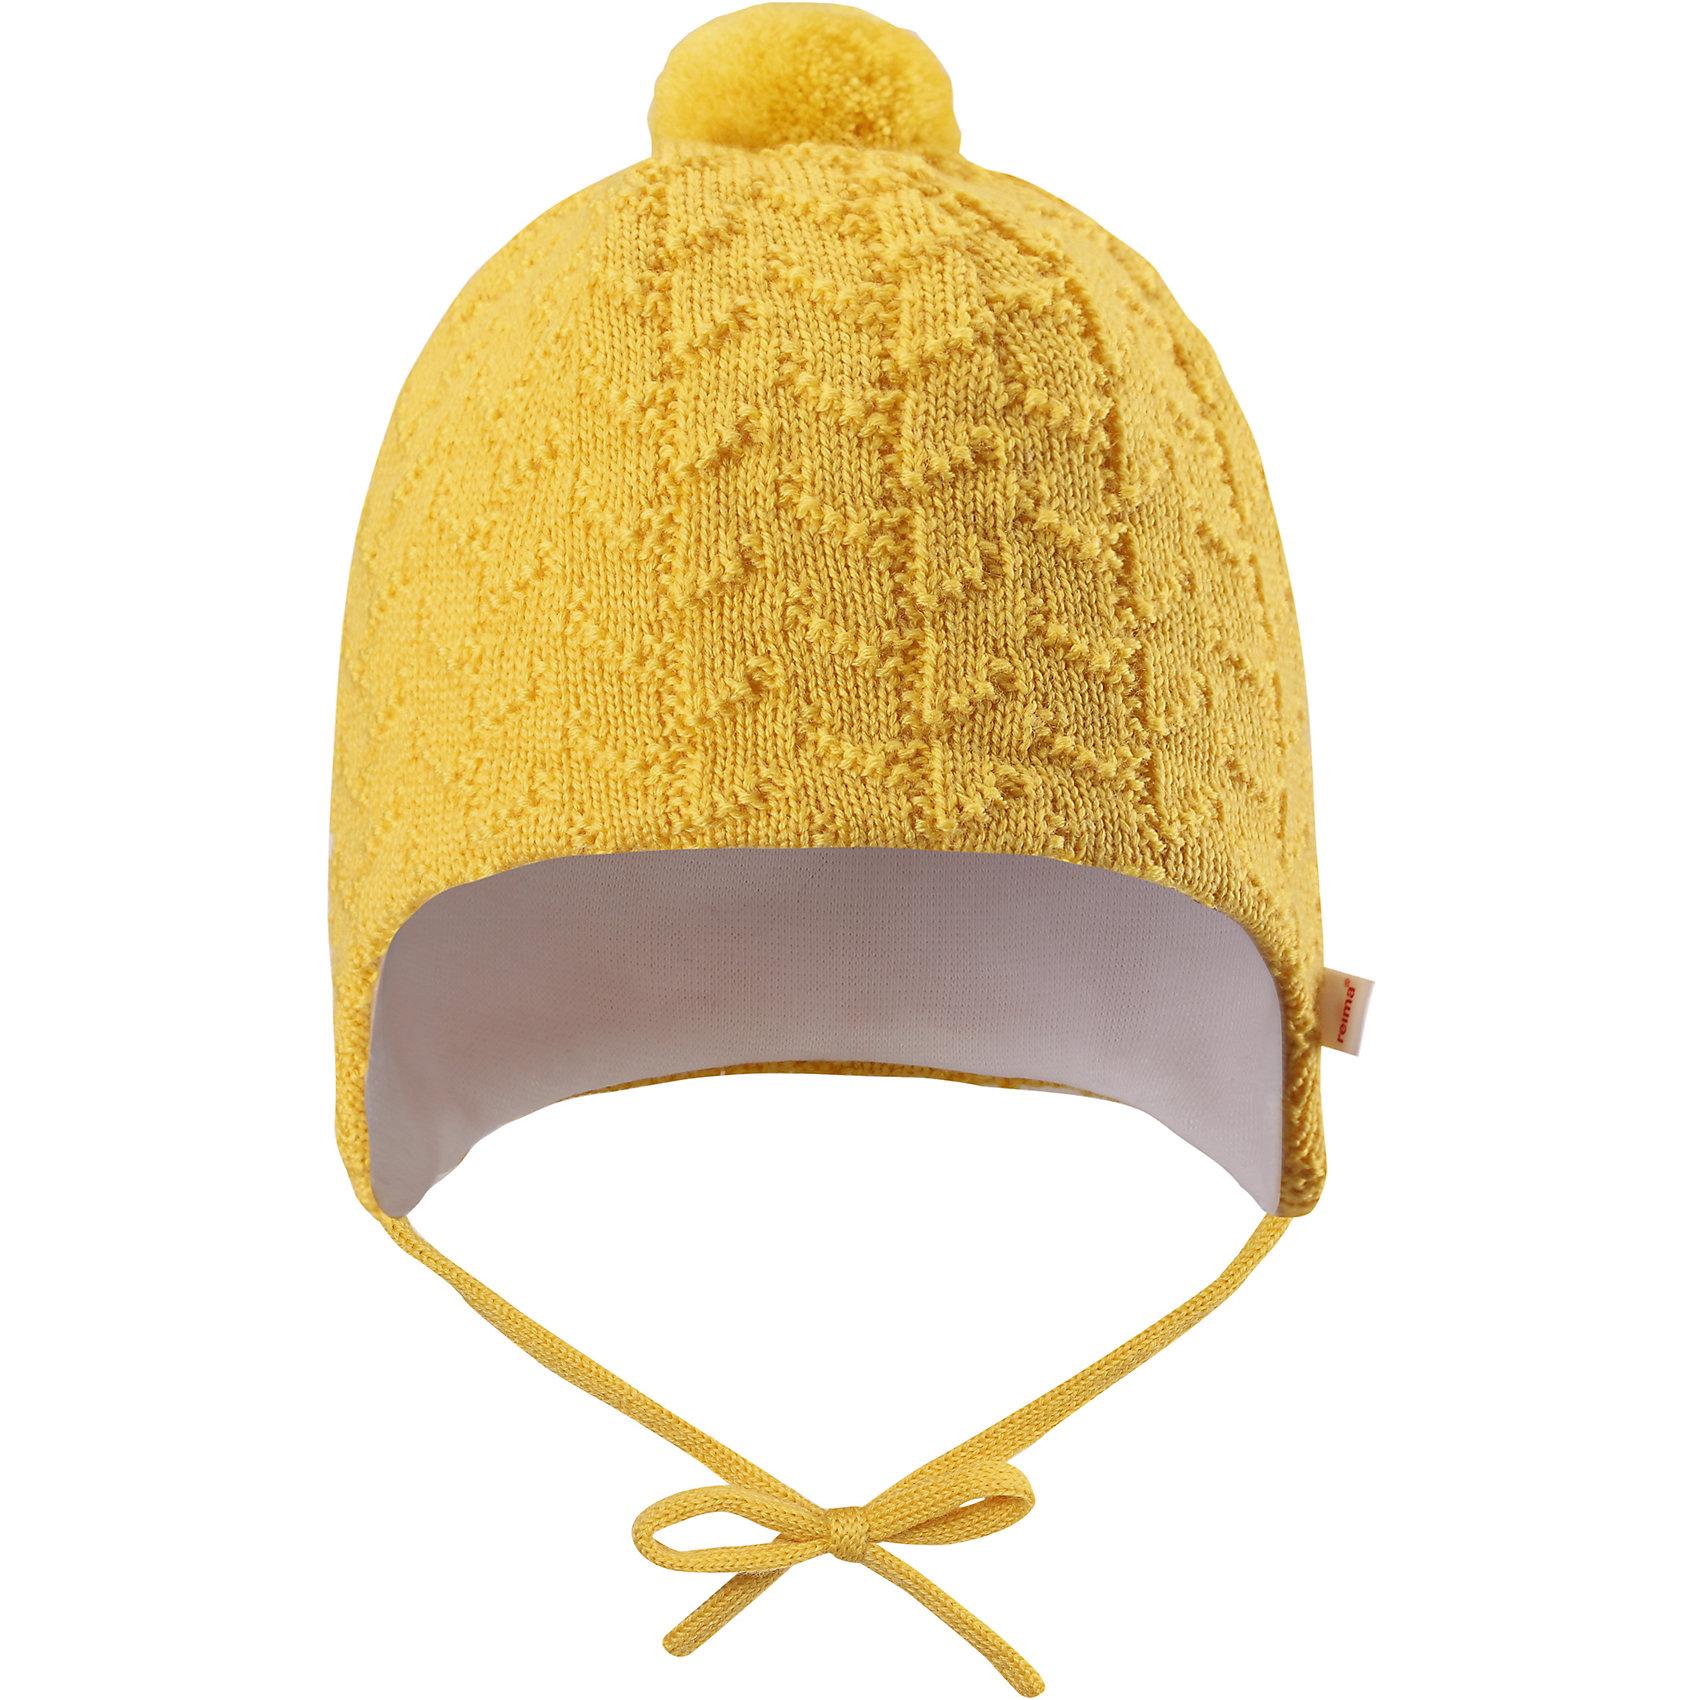 Шапка Reima LintuГоловные уборы<br>Характеристики товара:<br><br>• цвет: желтый;<br>• состав: 100% шерсть;<br>• подкладка: 97% хлопок, 3% эластан;<br>• температурный режим: от 0 до -10С;<br>• сезон: демисезон; <br>• особенности модели: на подкладке, на завязках;<br>• сплошная подкладка: гладкий хлопковый трикотаж;<br>• задние швы отсутствуют;<br>• шапка на завязках, сверху помпон;<br>• логотип Reima сбоку;<br>• страна бренда: Финляндия;<br>• страна изготовитель: Китай.<br><br>Шапка на завязках для малышей, изготовленная из чистой шерсти, превосходно подходит для зимних дней. Она невероятно теплая, поскольку связана из мериносовой шерсти и подбита мягкой трикотажной подкладкой. Шапка на подкладке декорирована помпоном и вязаным узором.<br><br>Шапка Lintu Reima от финского бренда Reima (Рейма) можно купить в нашем интернет-магазине.<br><br>Ширина мм: 89<br>Глубина мм: 117<br>Высота мм: 44<br>Вес г: 155<br>Цвет: желтый<br>Возраст от месяцев: 6<br>Возраст до месяцев: 9<br>Пол: Унисекс<br>Возраст: Детский<br>Размер: 42-44,34-36,38-40<br>SKU: 6908754